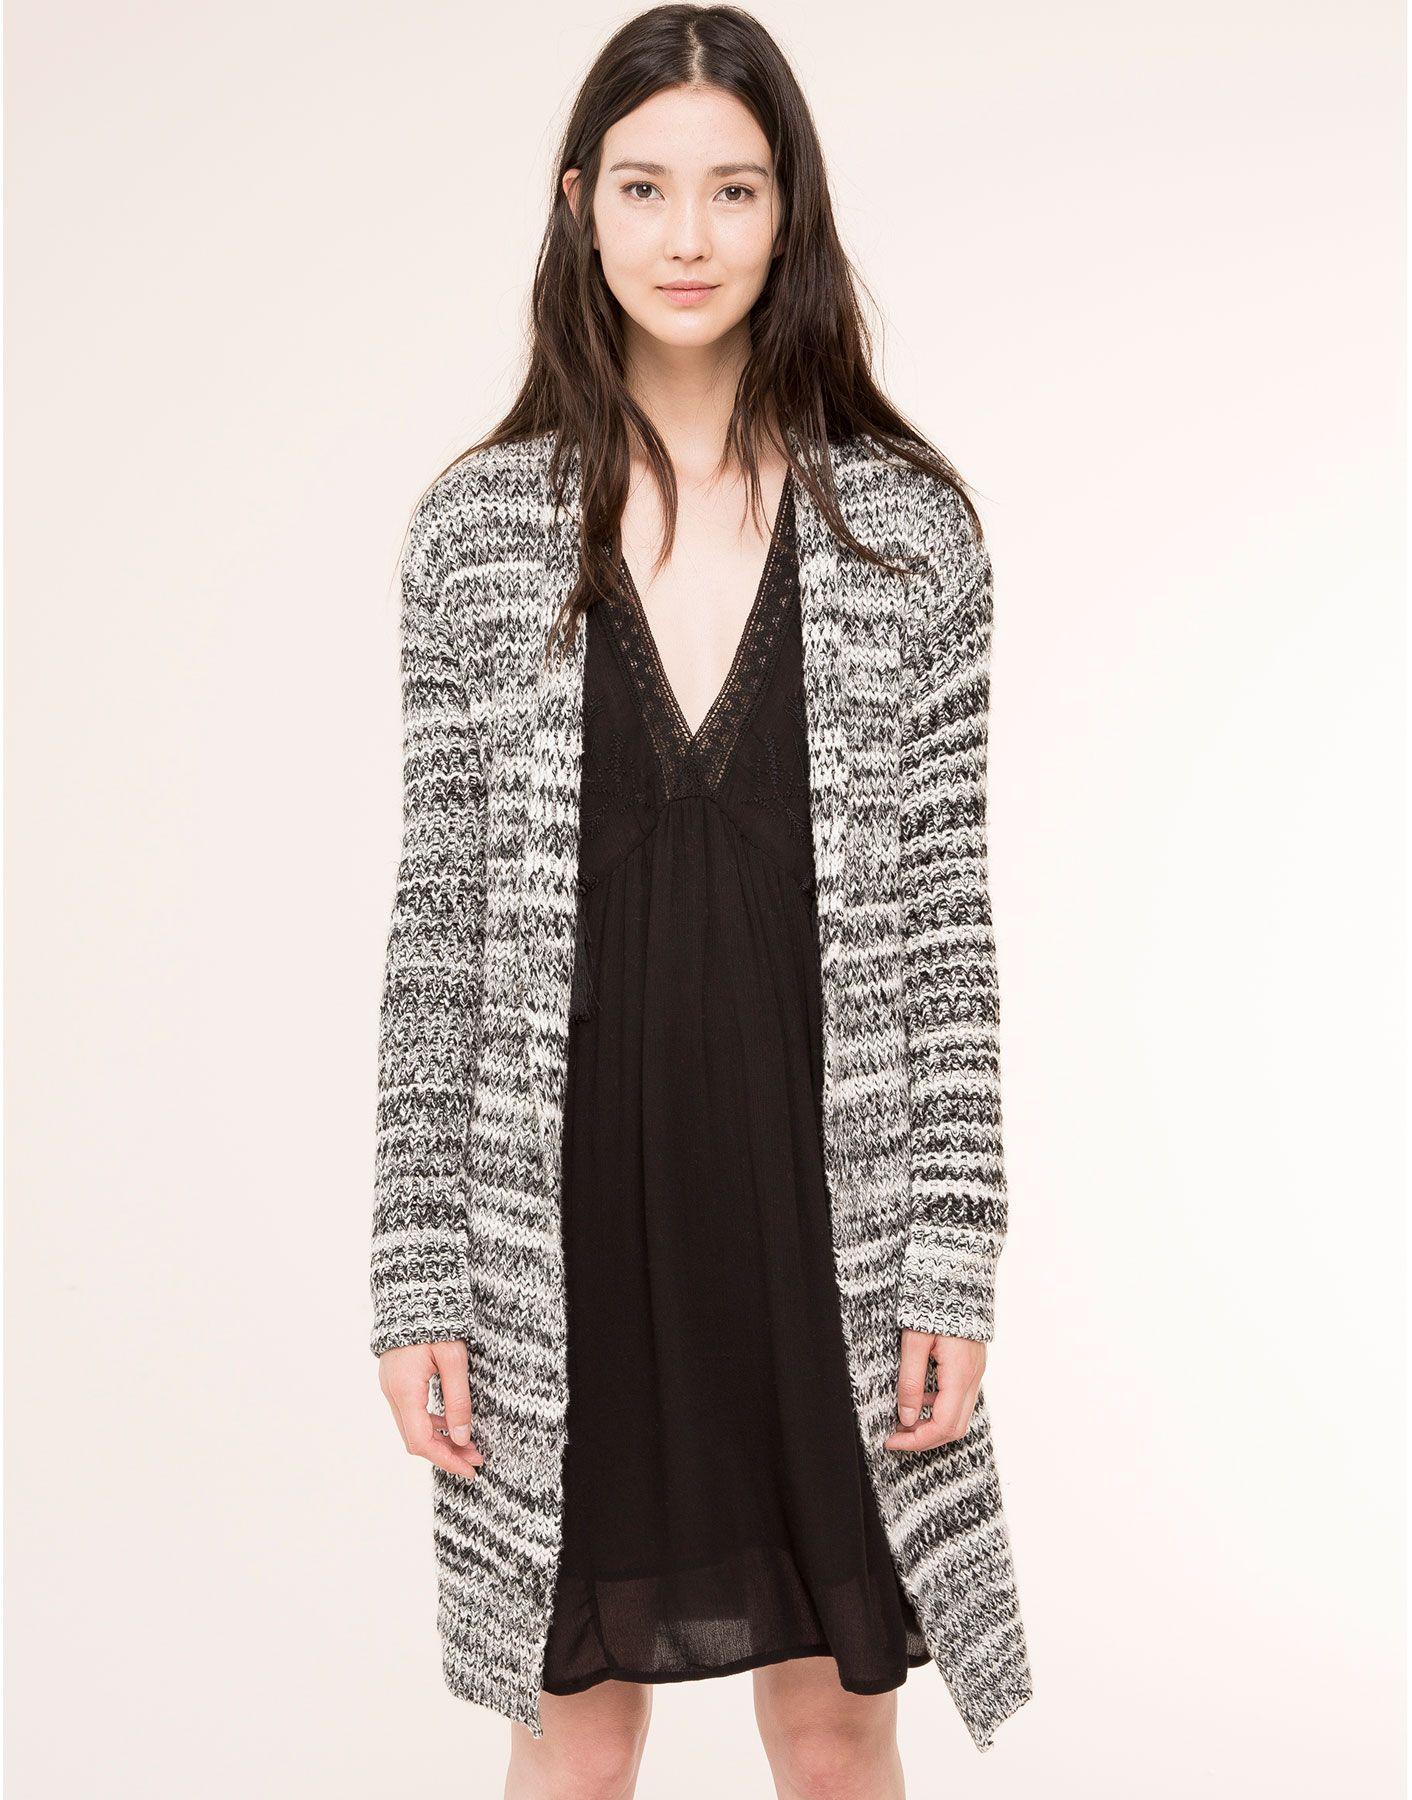 Veste en laine femme pull and bear